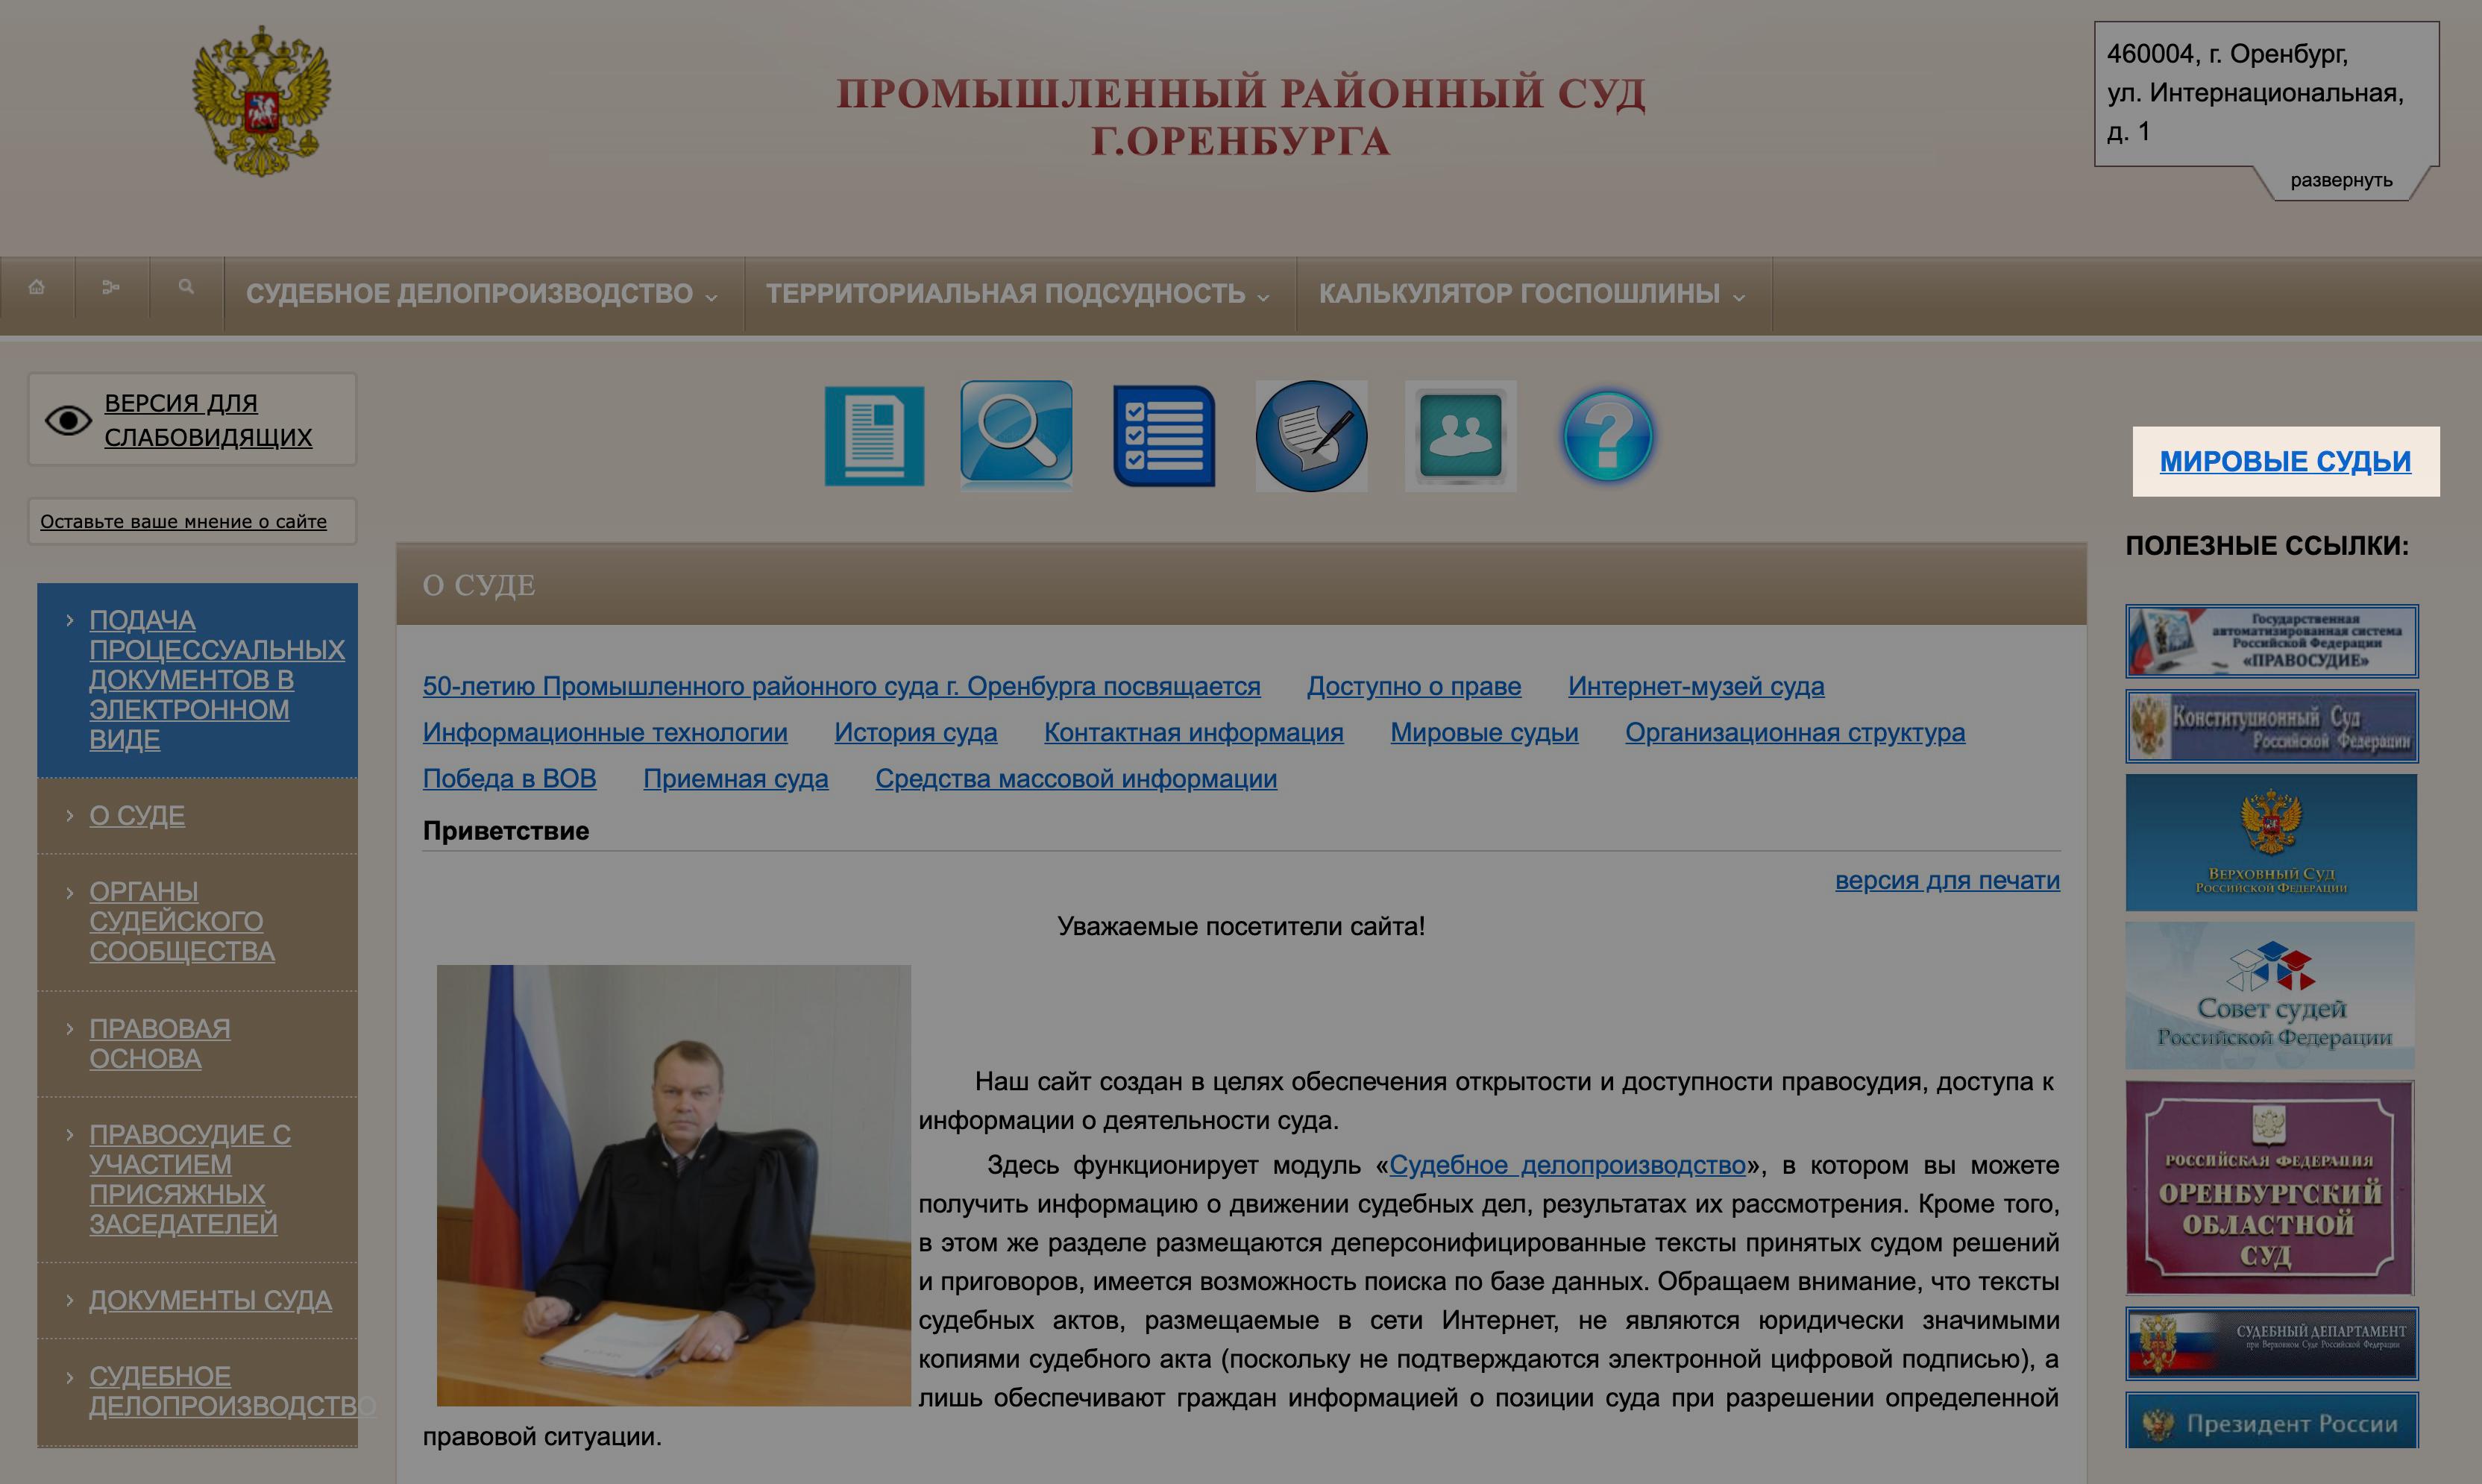 В Промышленном районе Оренбурга раздел, посвященный мировым судьям, расположен в правом верхнем углу